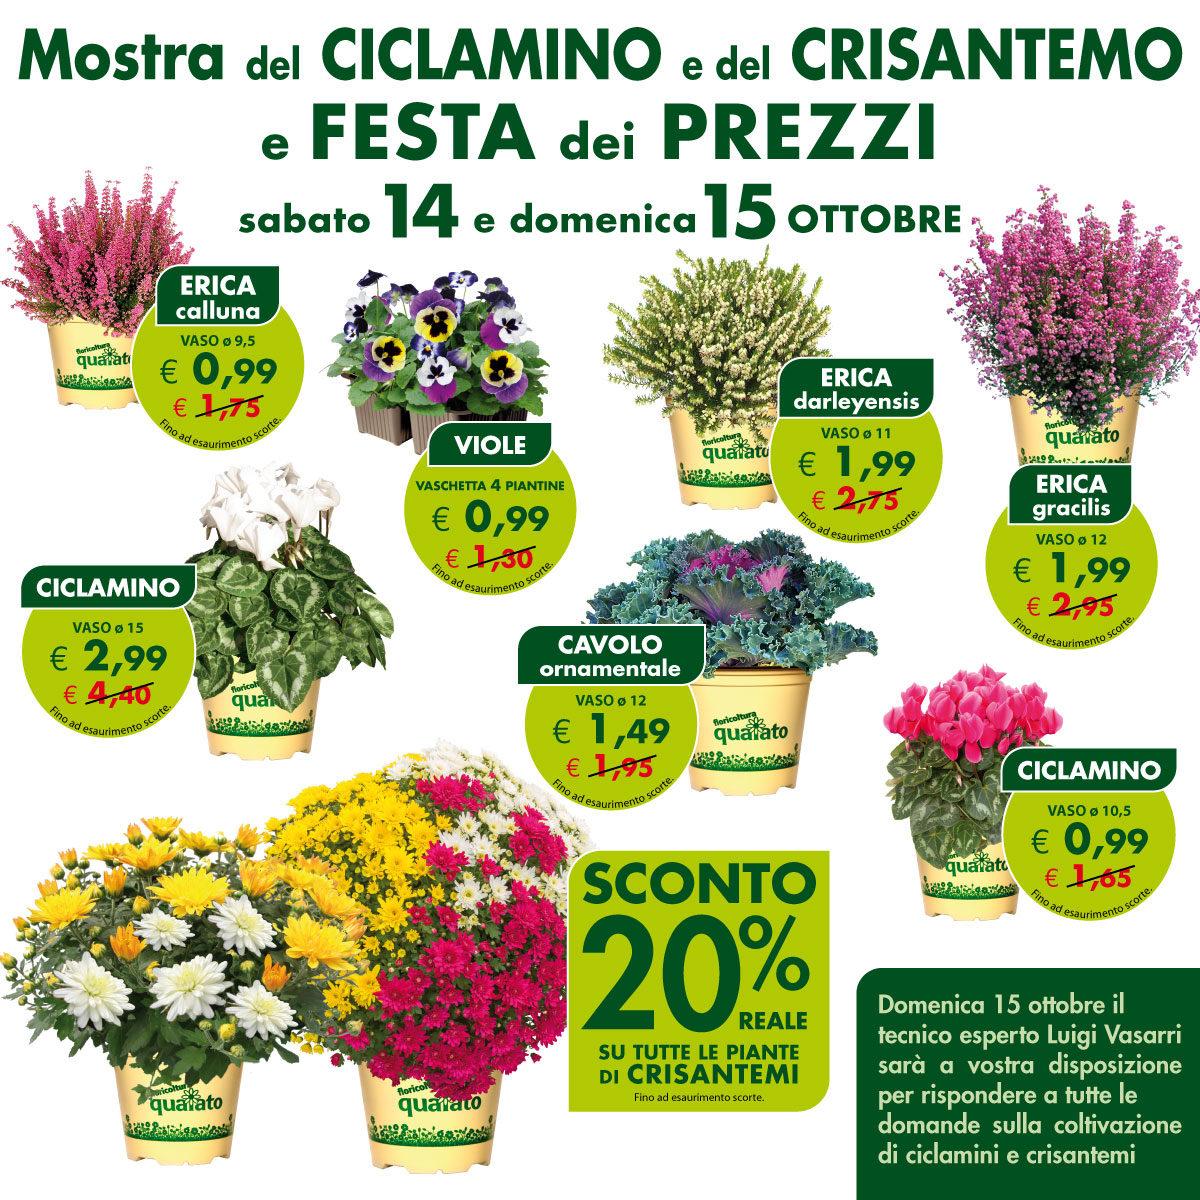 Mostra del Ciclamino e del Crisantemo e Festa dei Prezzi